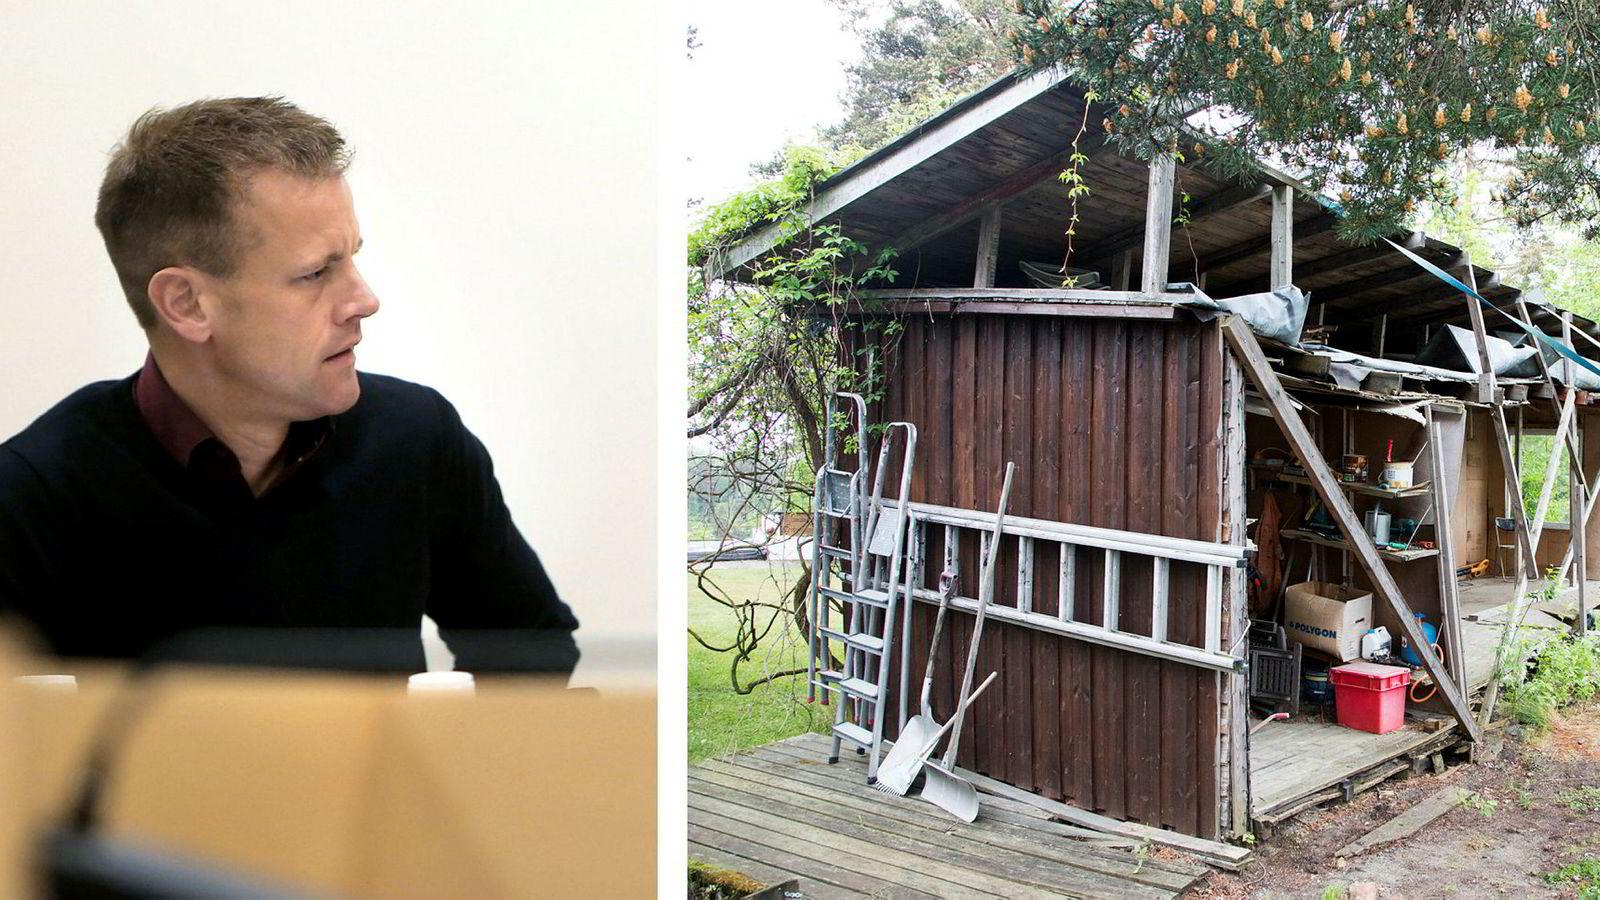 Arne Vigeland ble kjent etter å ha kappet naboen uthus i to på grunn av en nabotvist. Nå går han til søksmål mot RenoNorden som gikk konkurs i 2017.